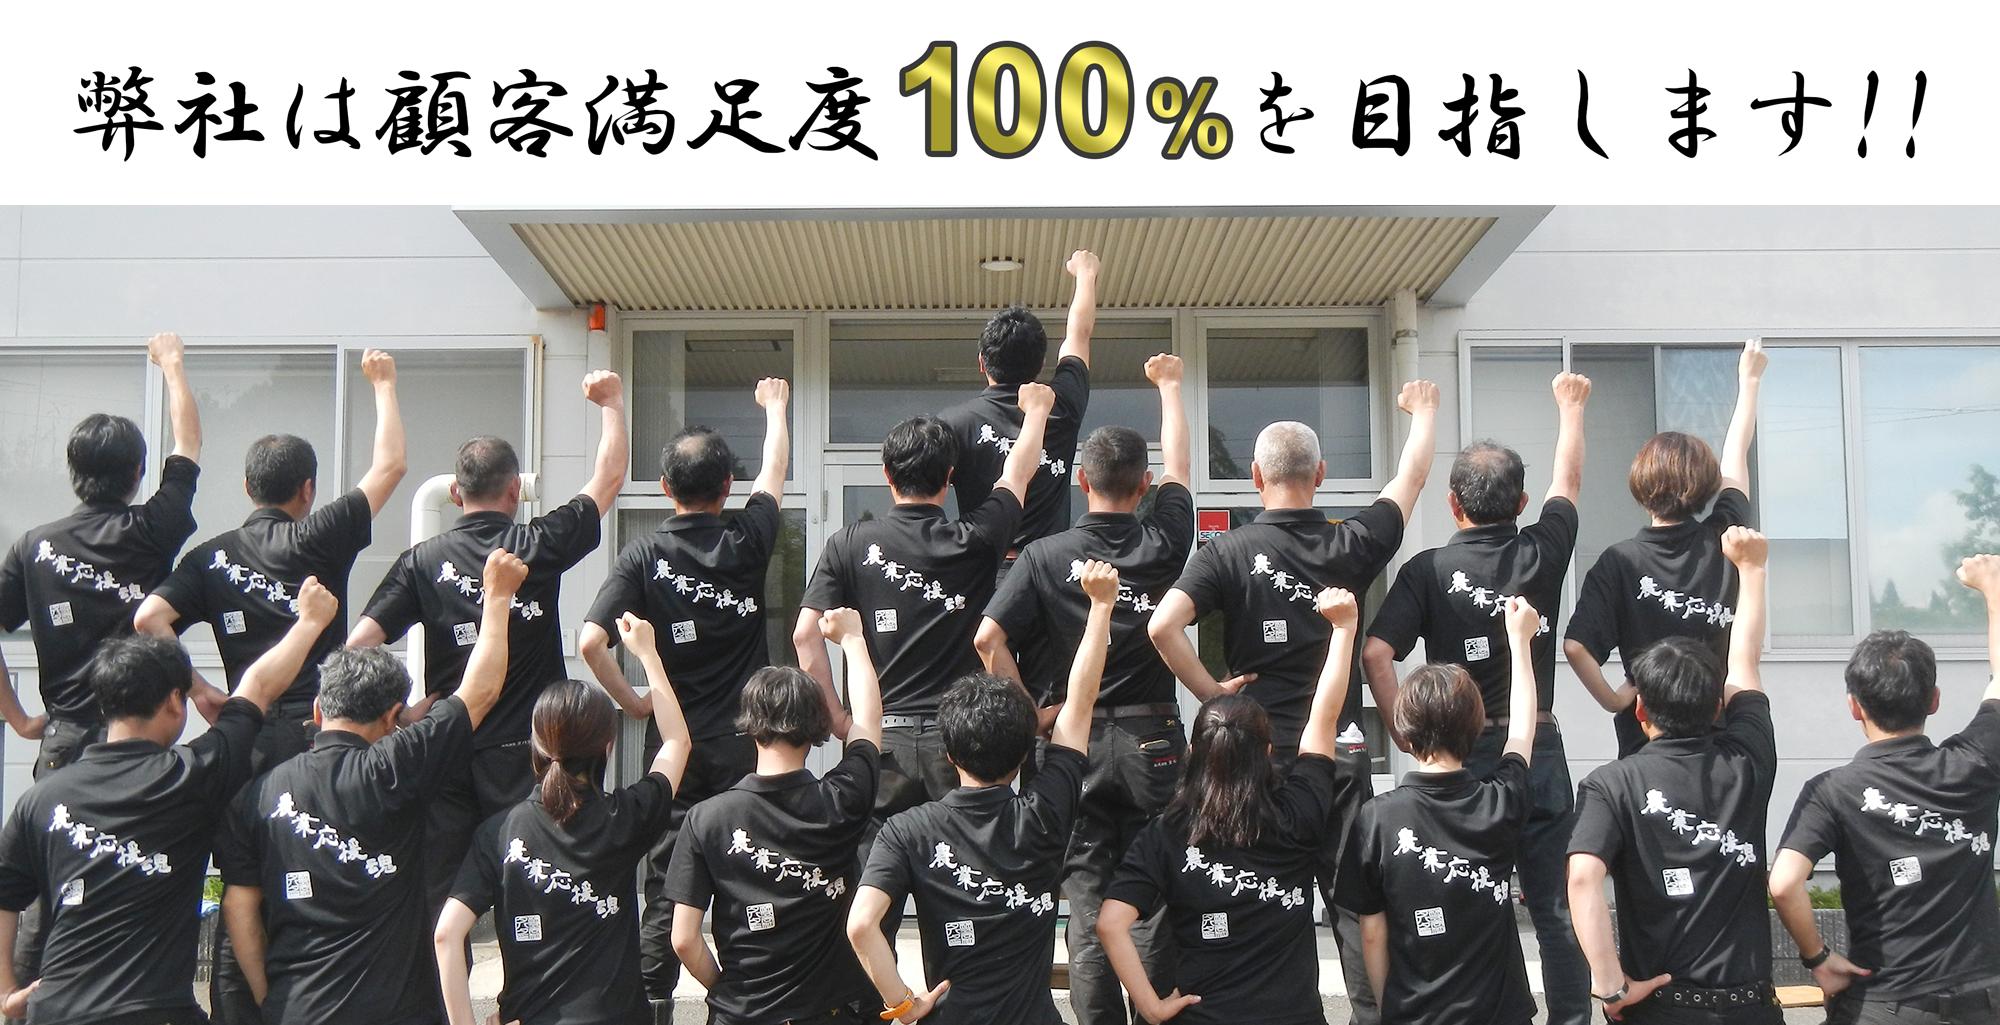 弊社は顧客満足度100%を目指します。